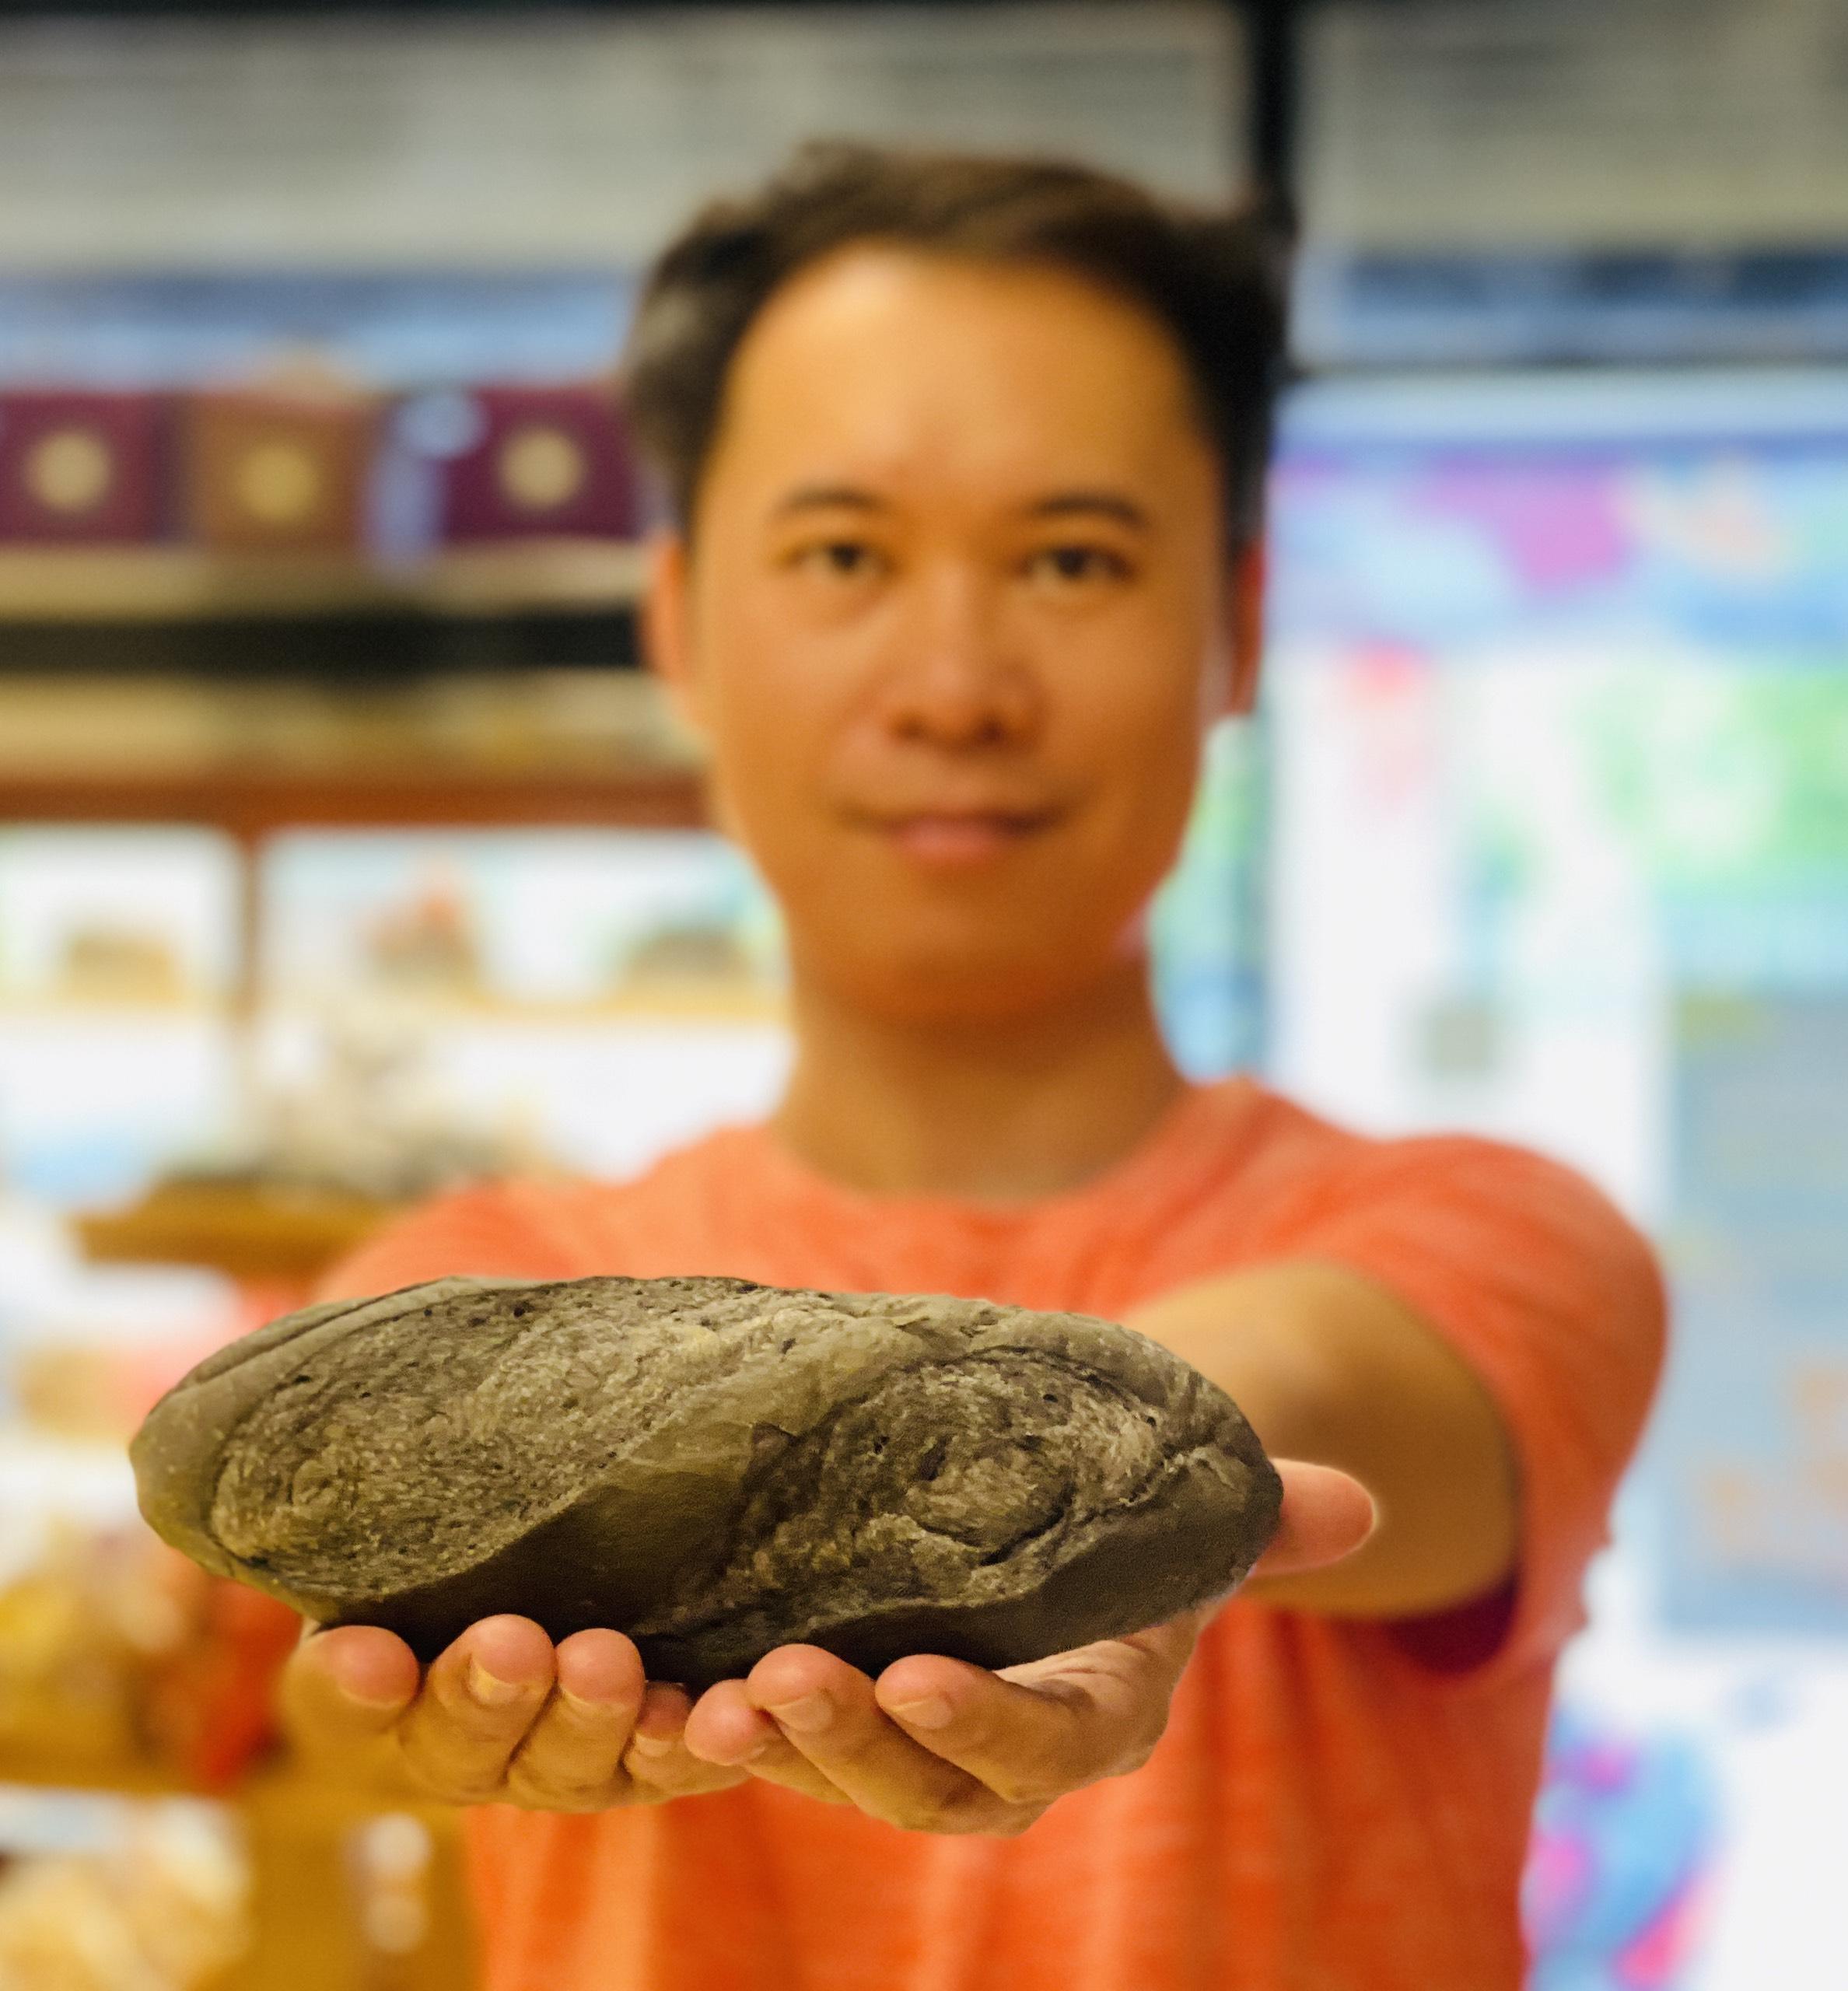 Bán bánh mì đen - Ảnh 1.